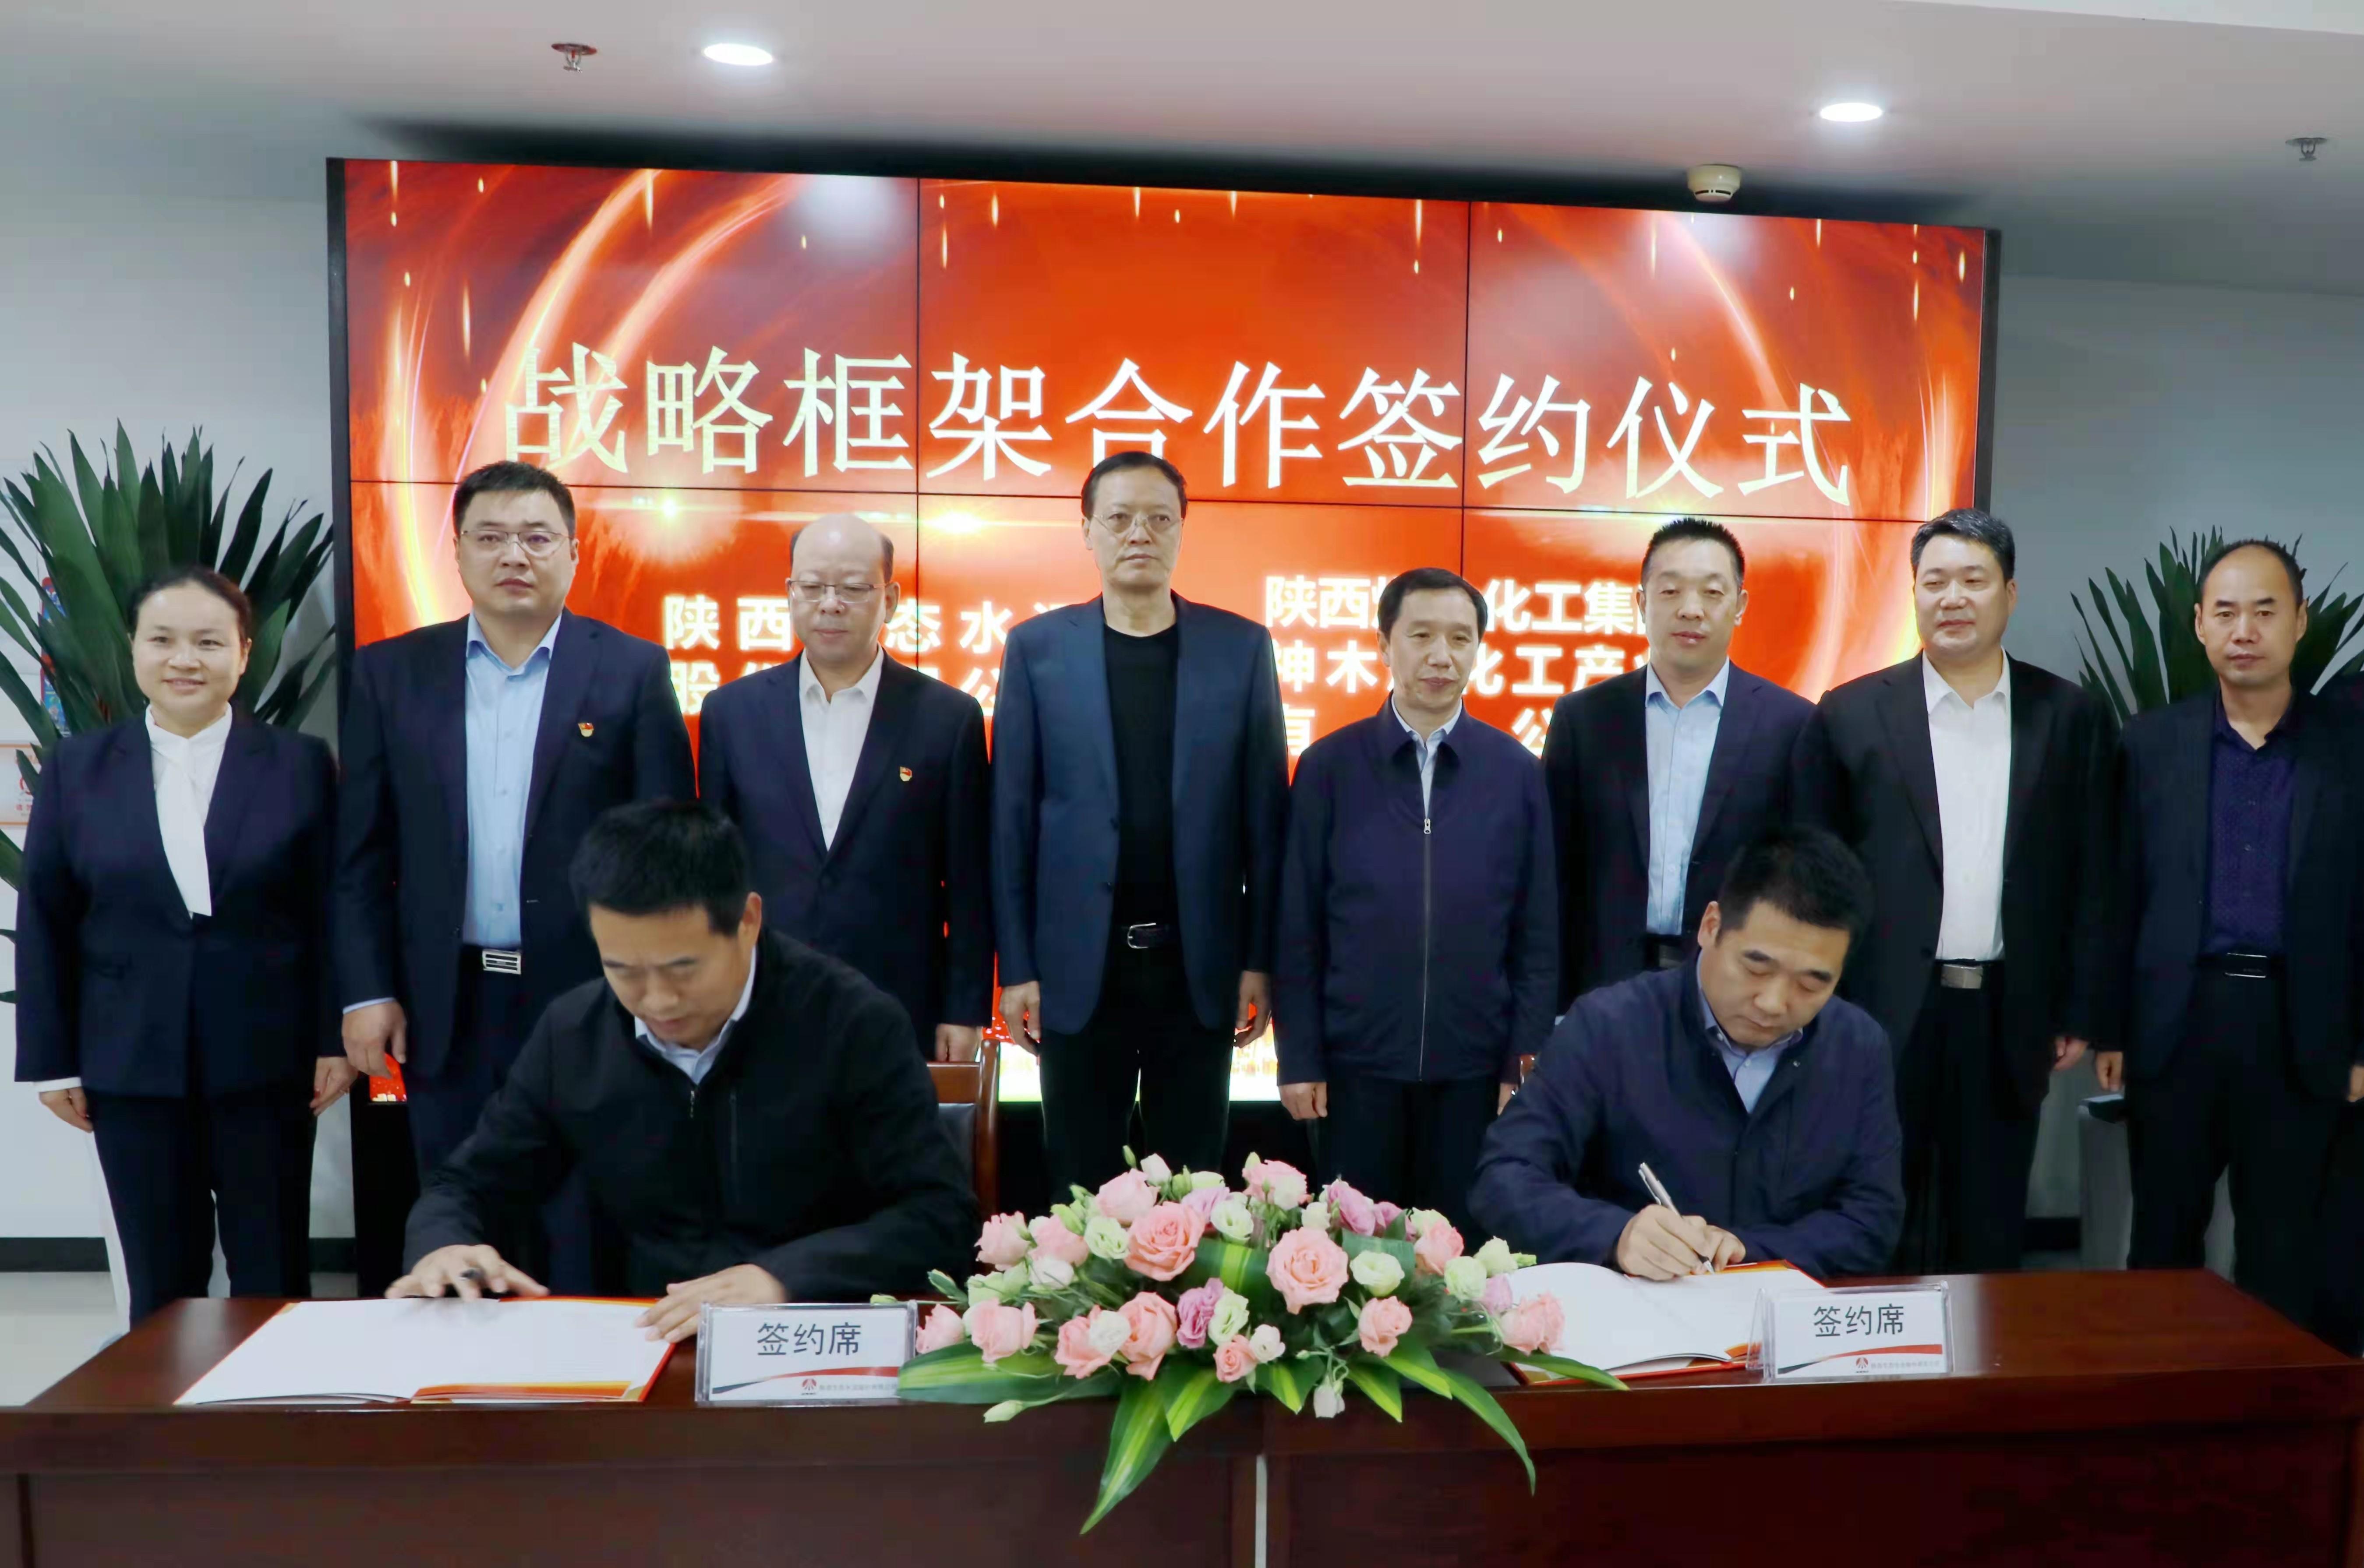 公司与生态水泥公司签订固废综合利用战略合作协议